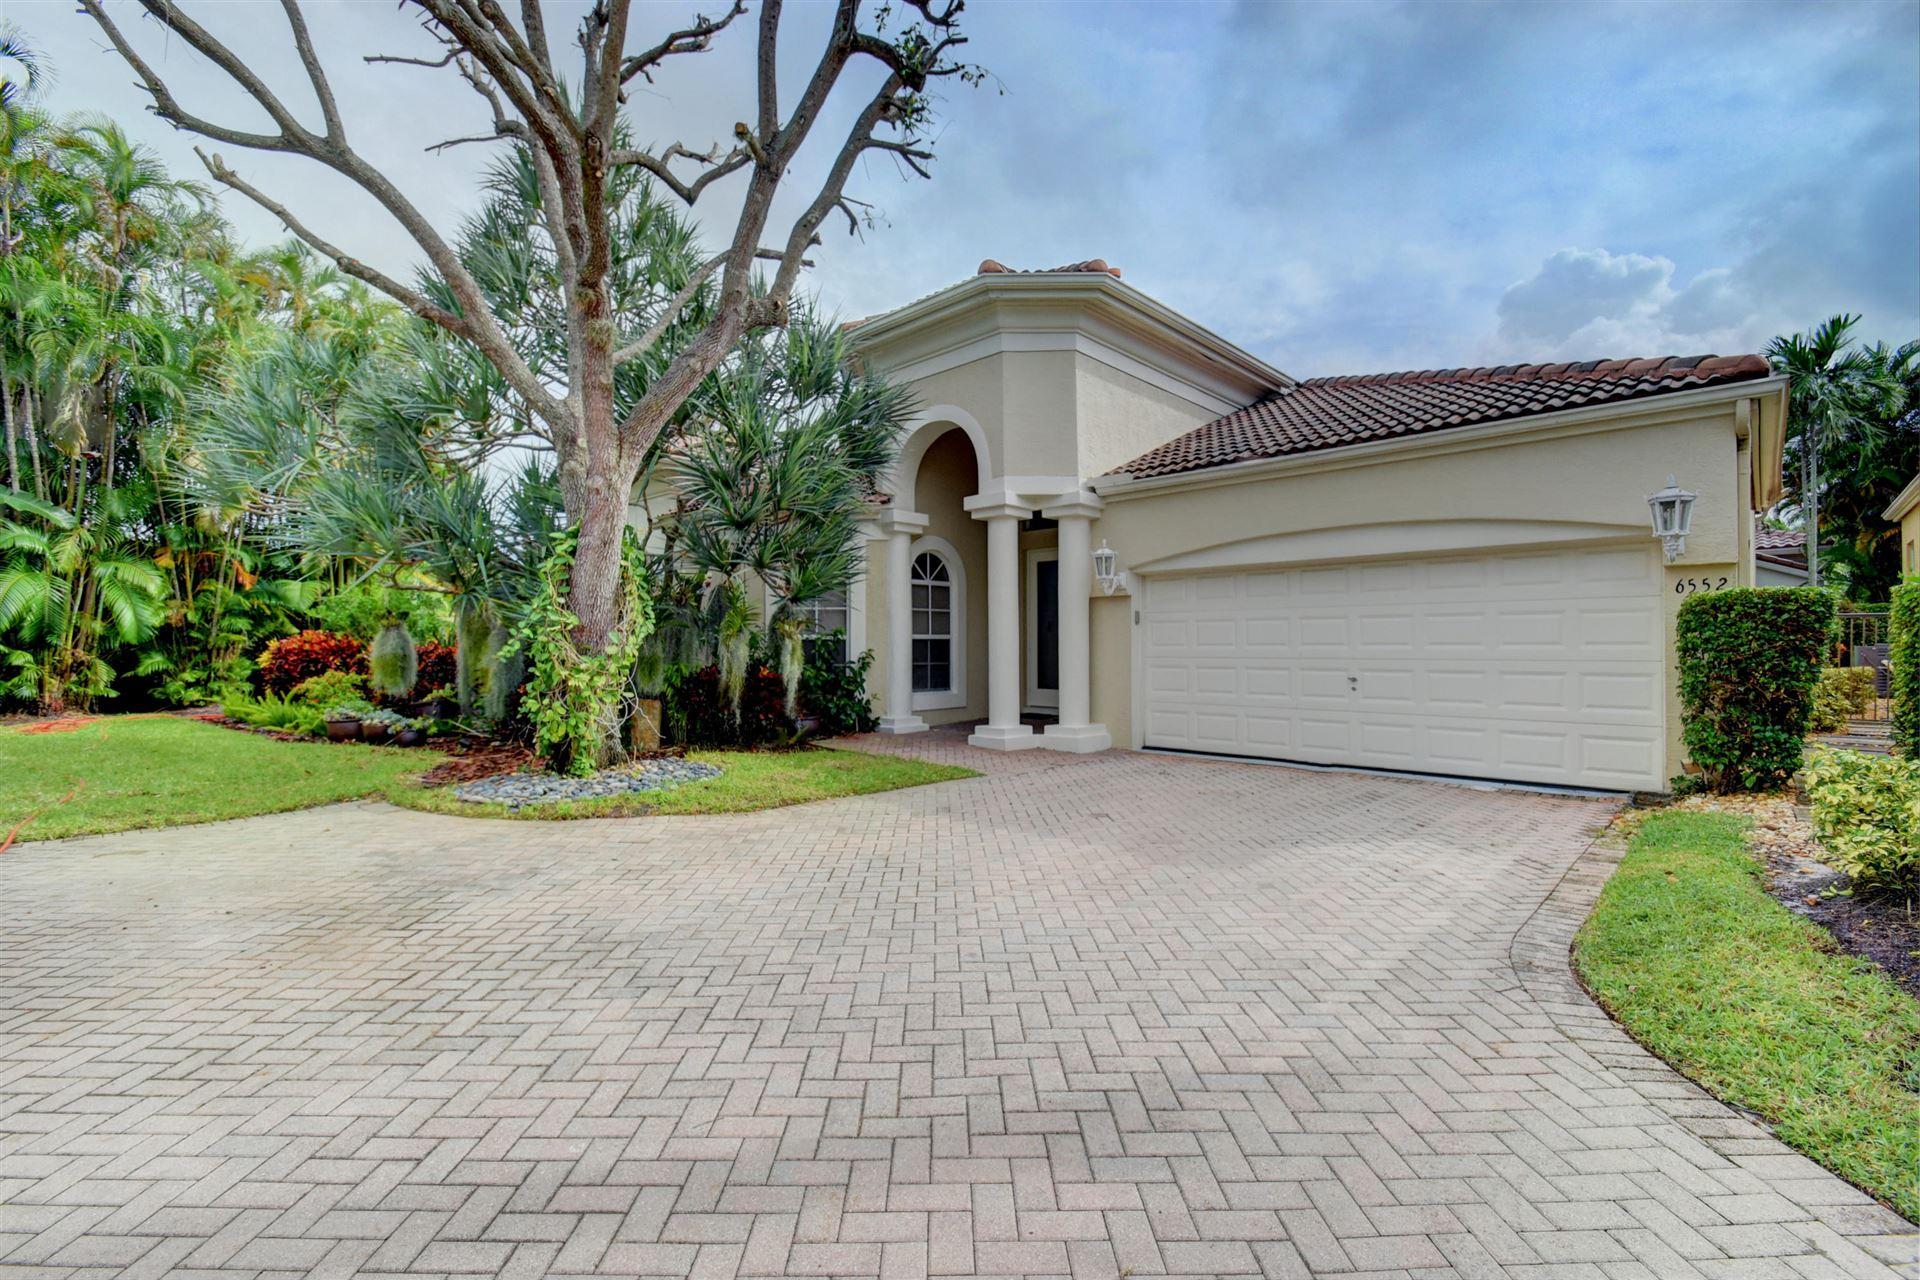 6552 Somerset Circle, Boca Raton, FL 33496 - #: RX-10670463